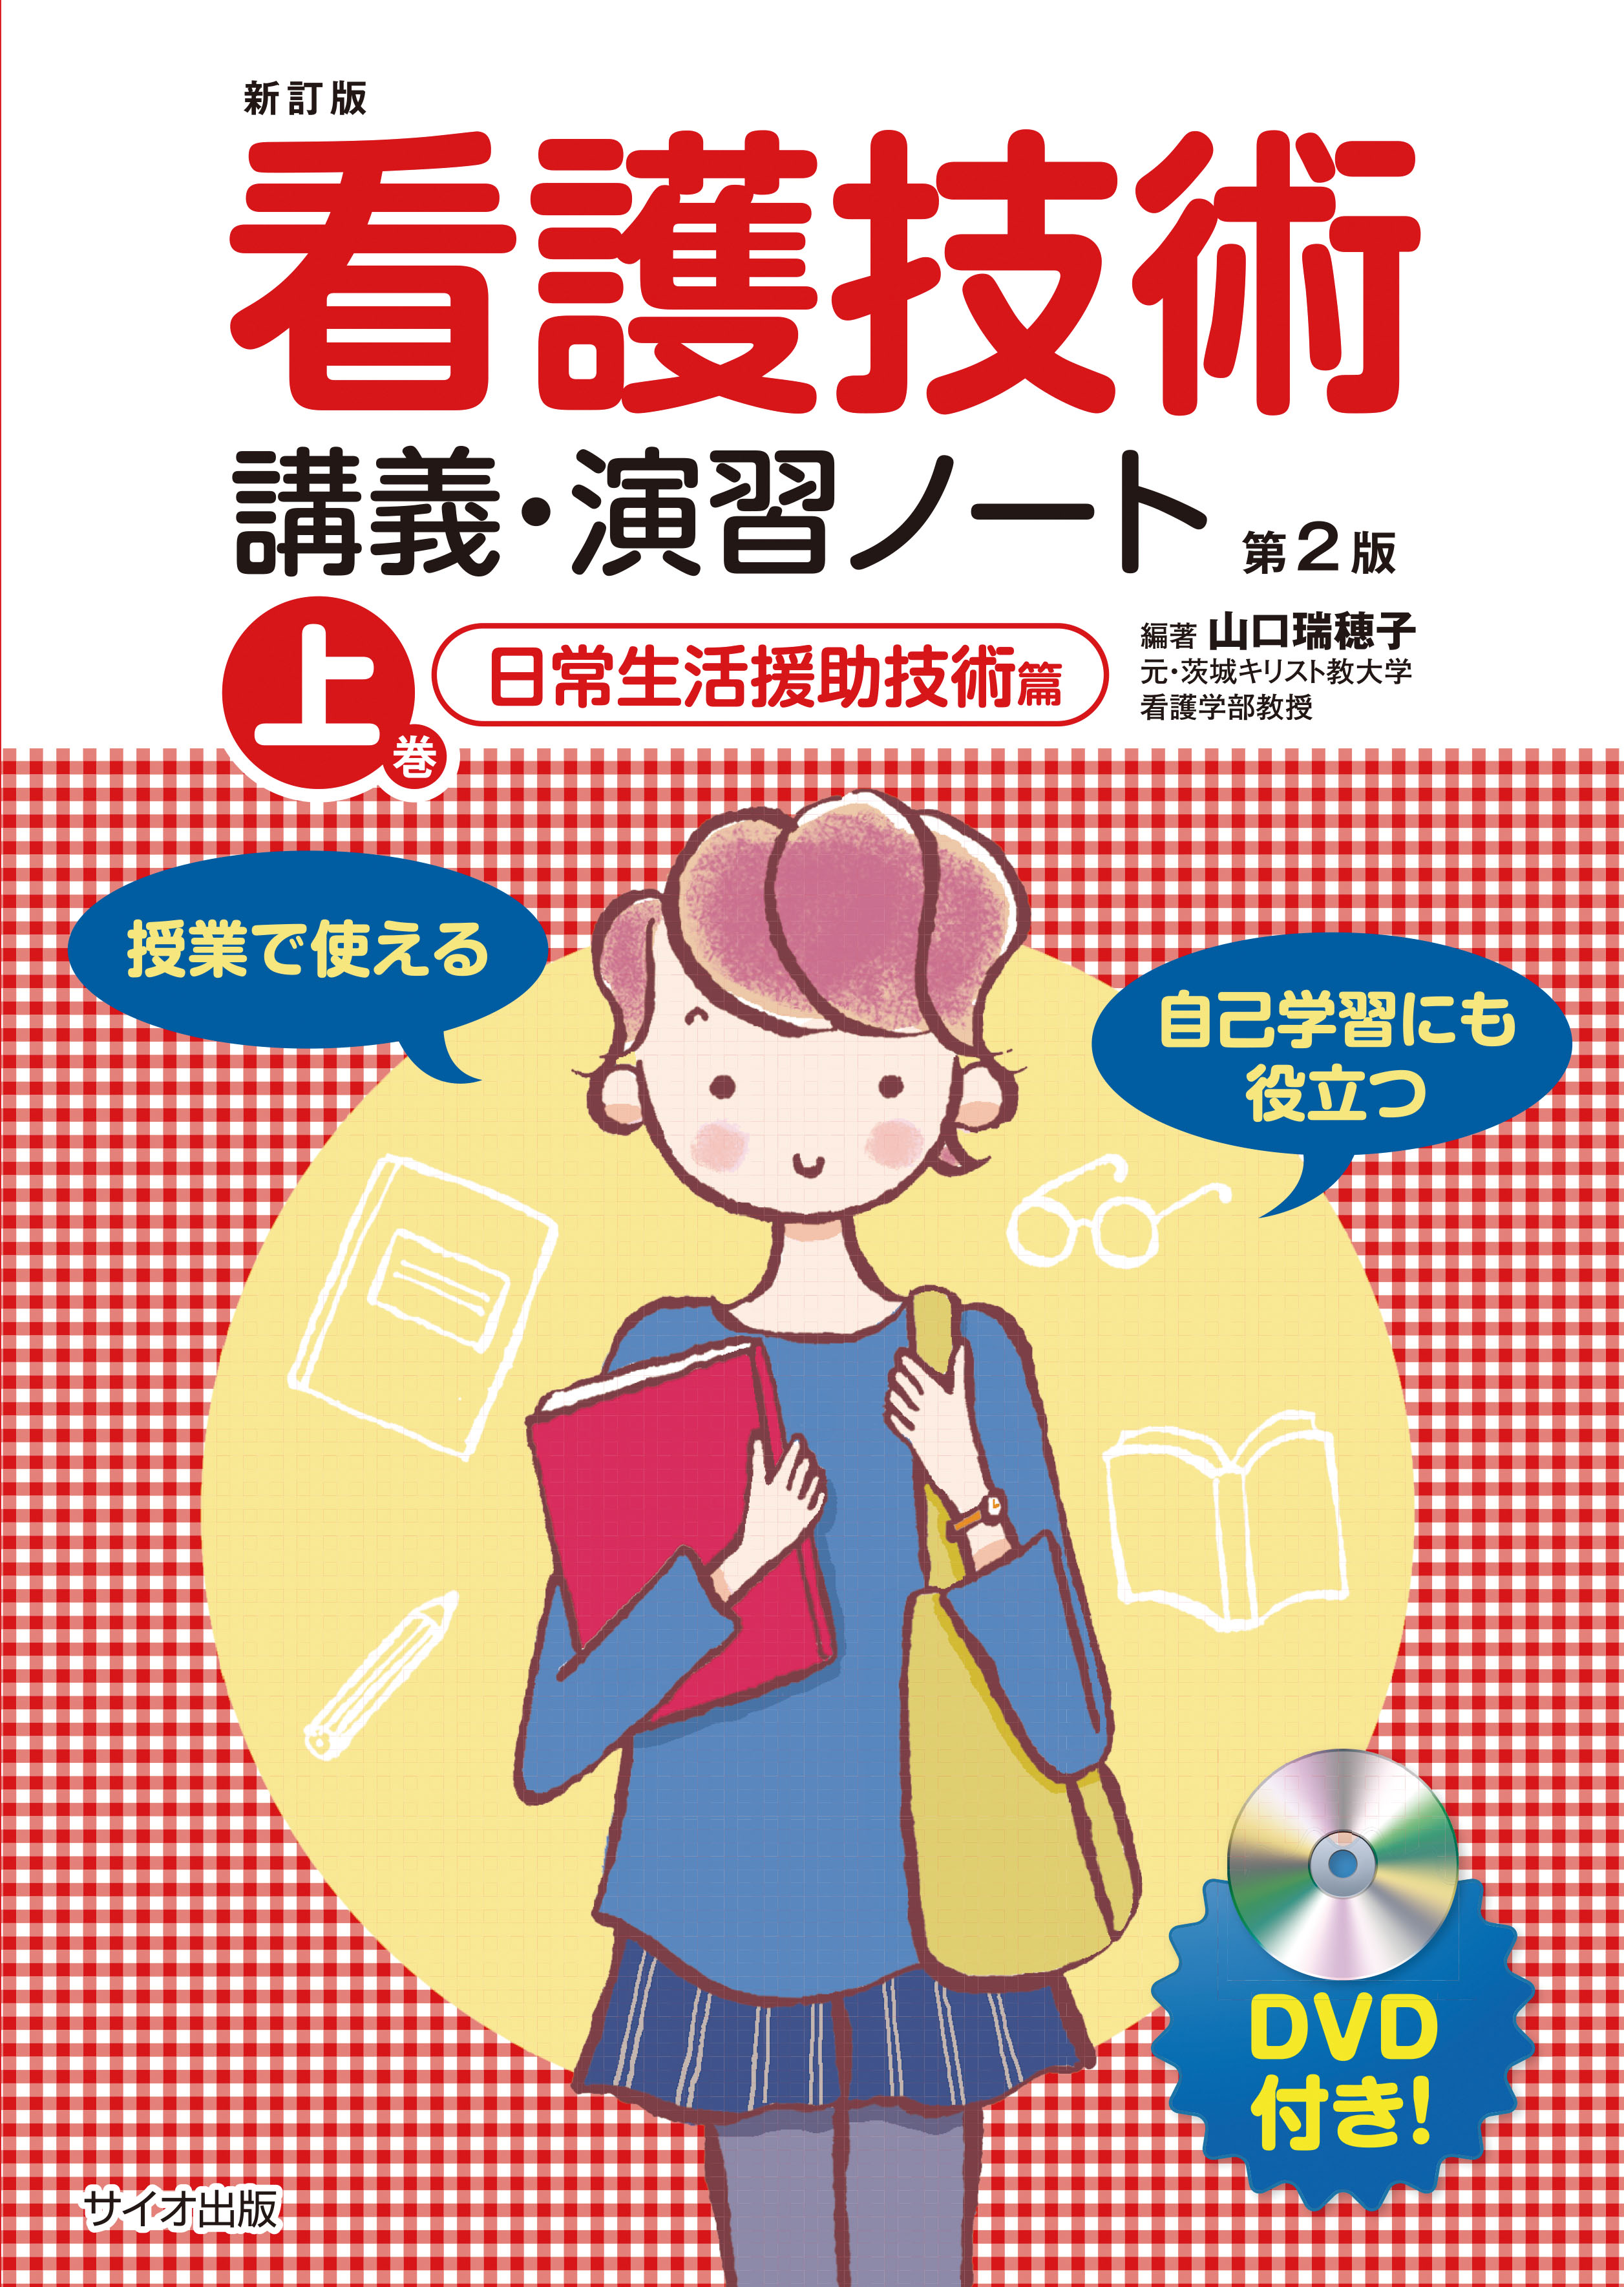 看護技術 講義・演習ノート 上巻<br>日常生活援助技術篇 第2版